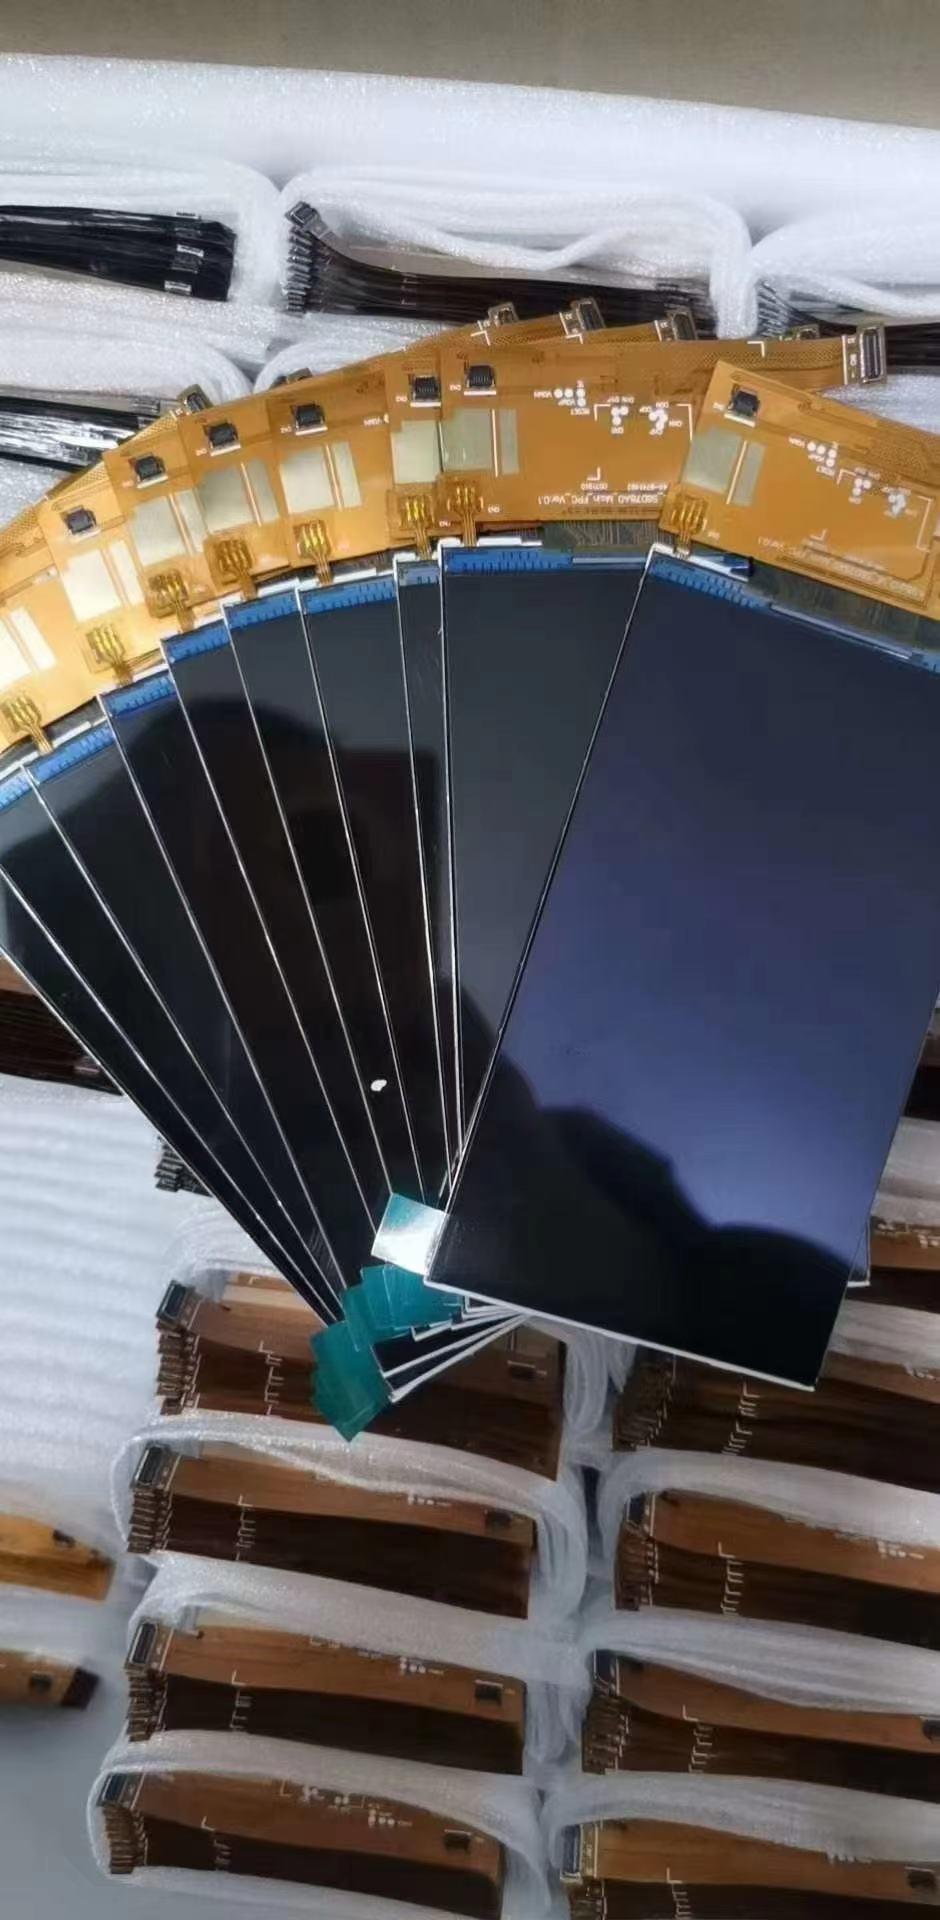 10 Pcs/Lot For SAMSUNG G530 G531 G532 wholesale G530 10 pcs/lotfor Samsung G530 G531 G532 lcd screen display For G530 G531 LCD enlarge